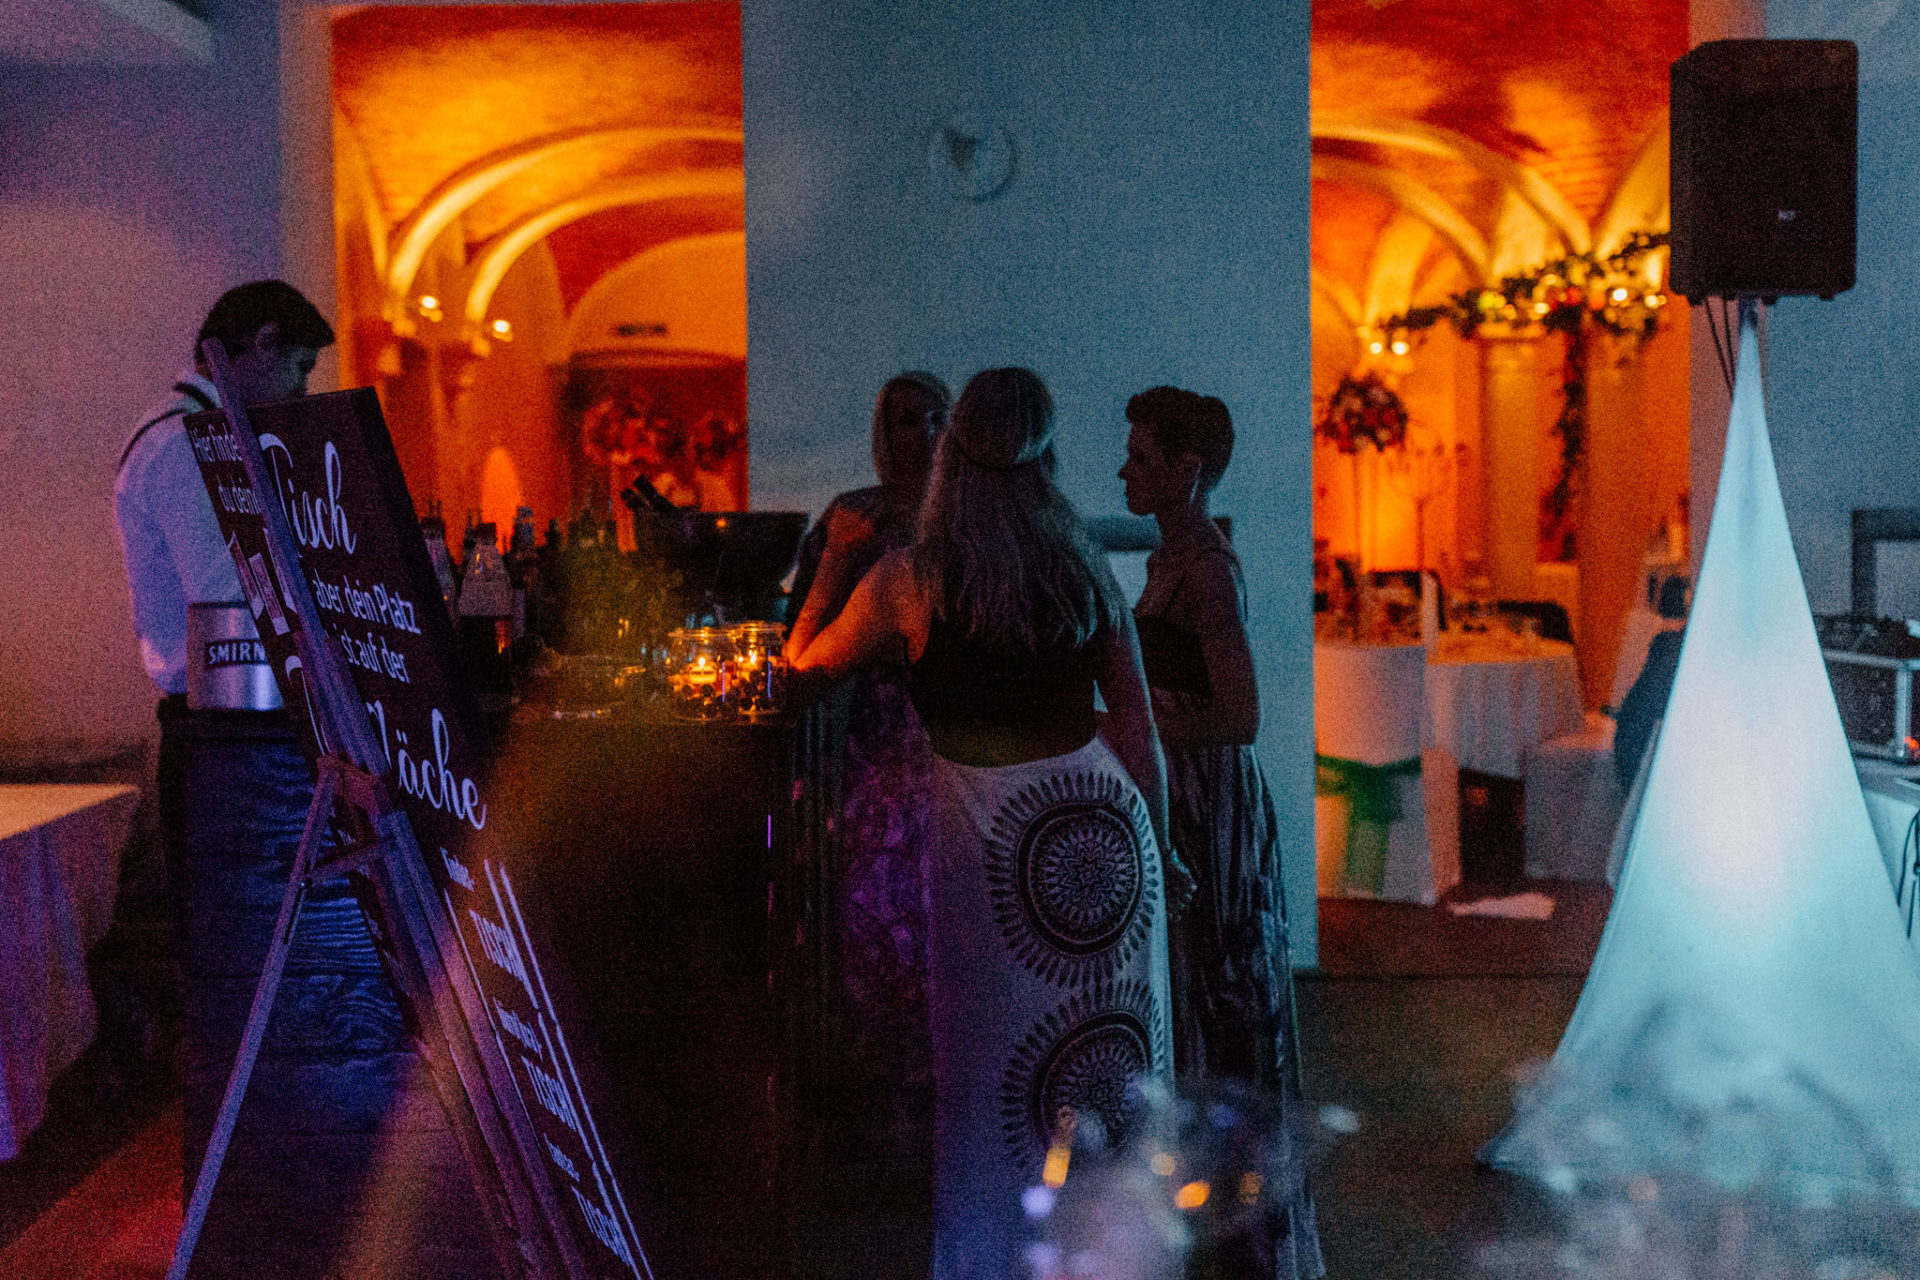 Weingut Fitz Ritter Hochzeitsfotograf-heiraten Pfalz-Sommerhochzeit Die Baarmänner